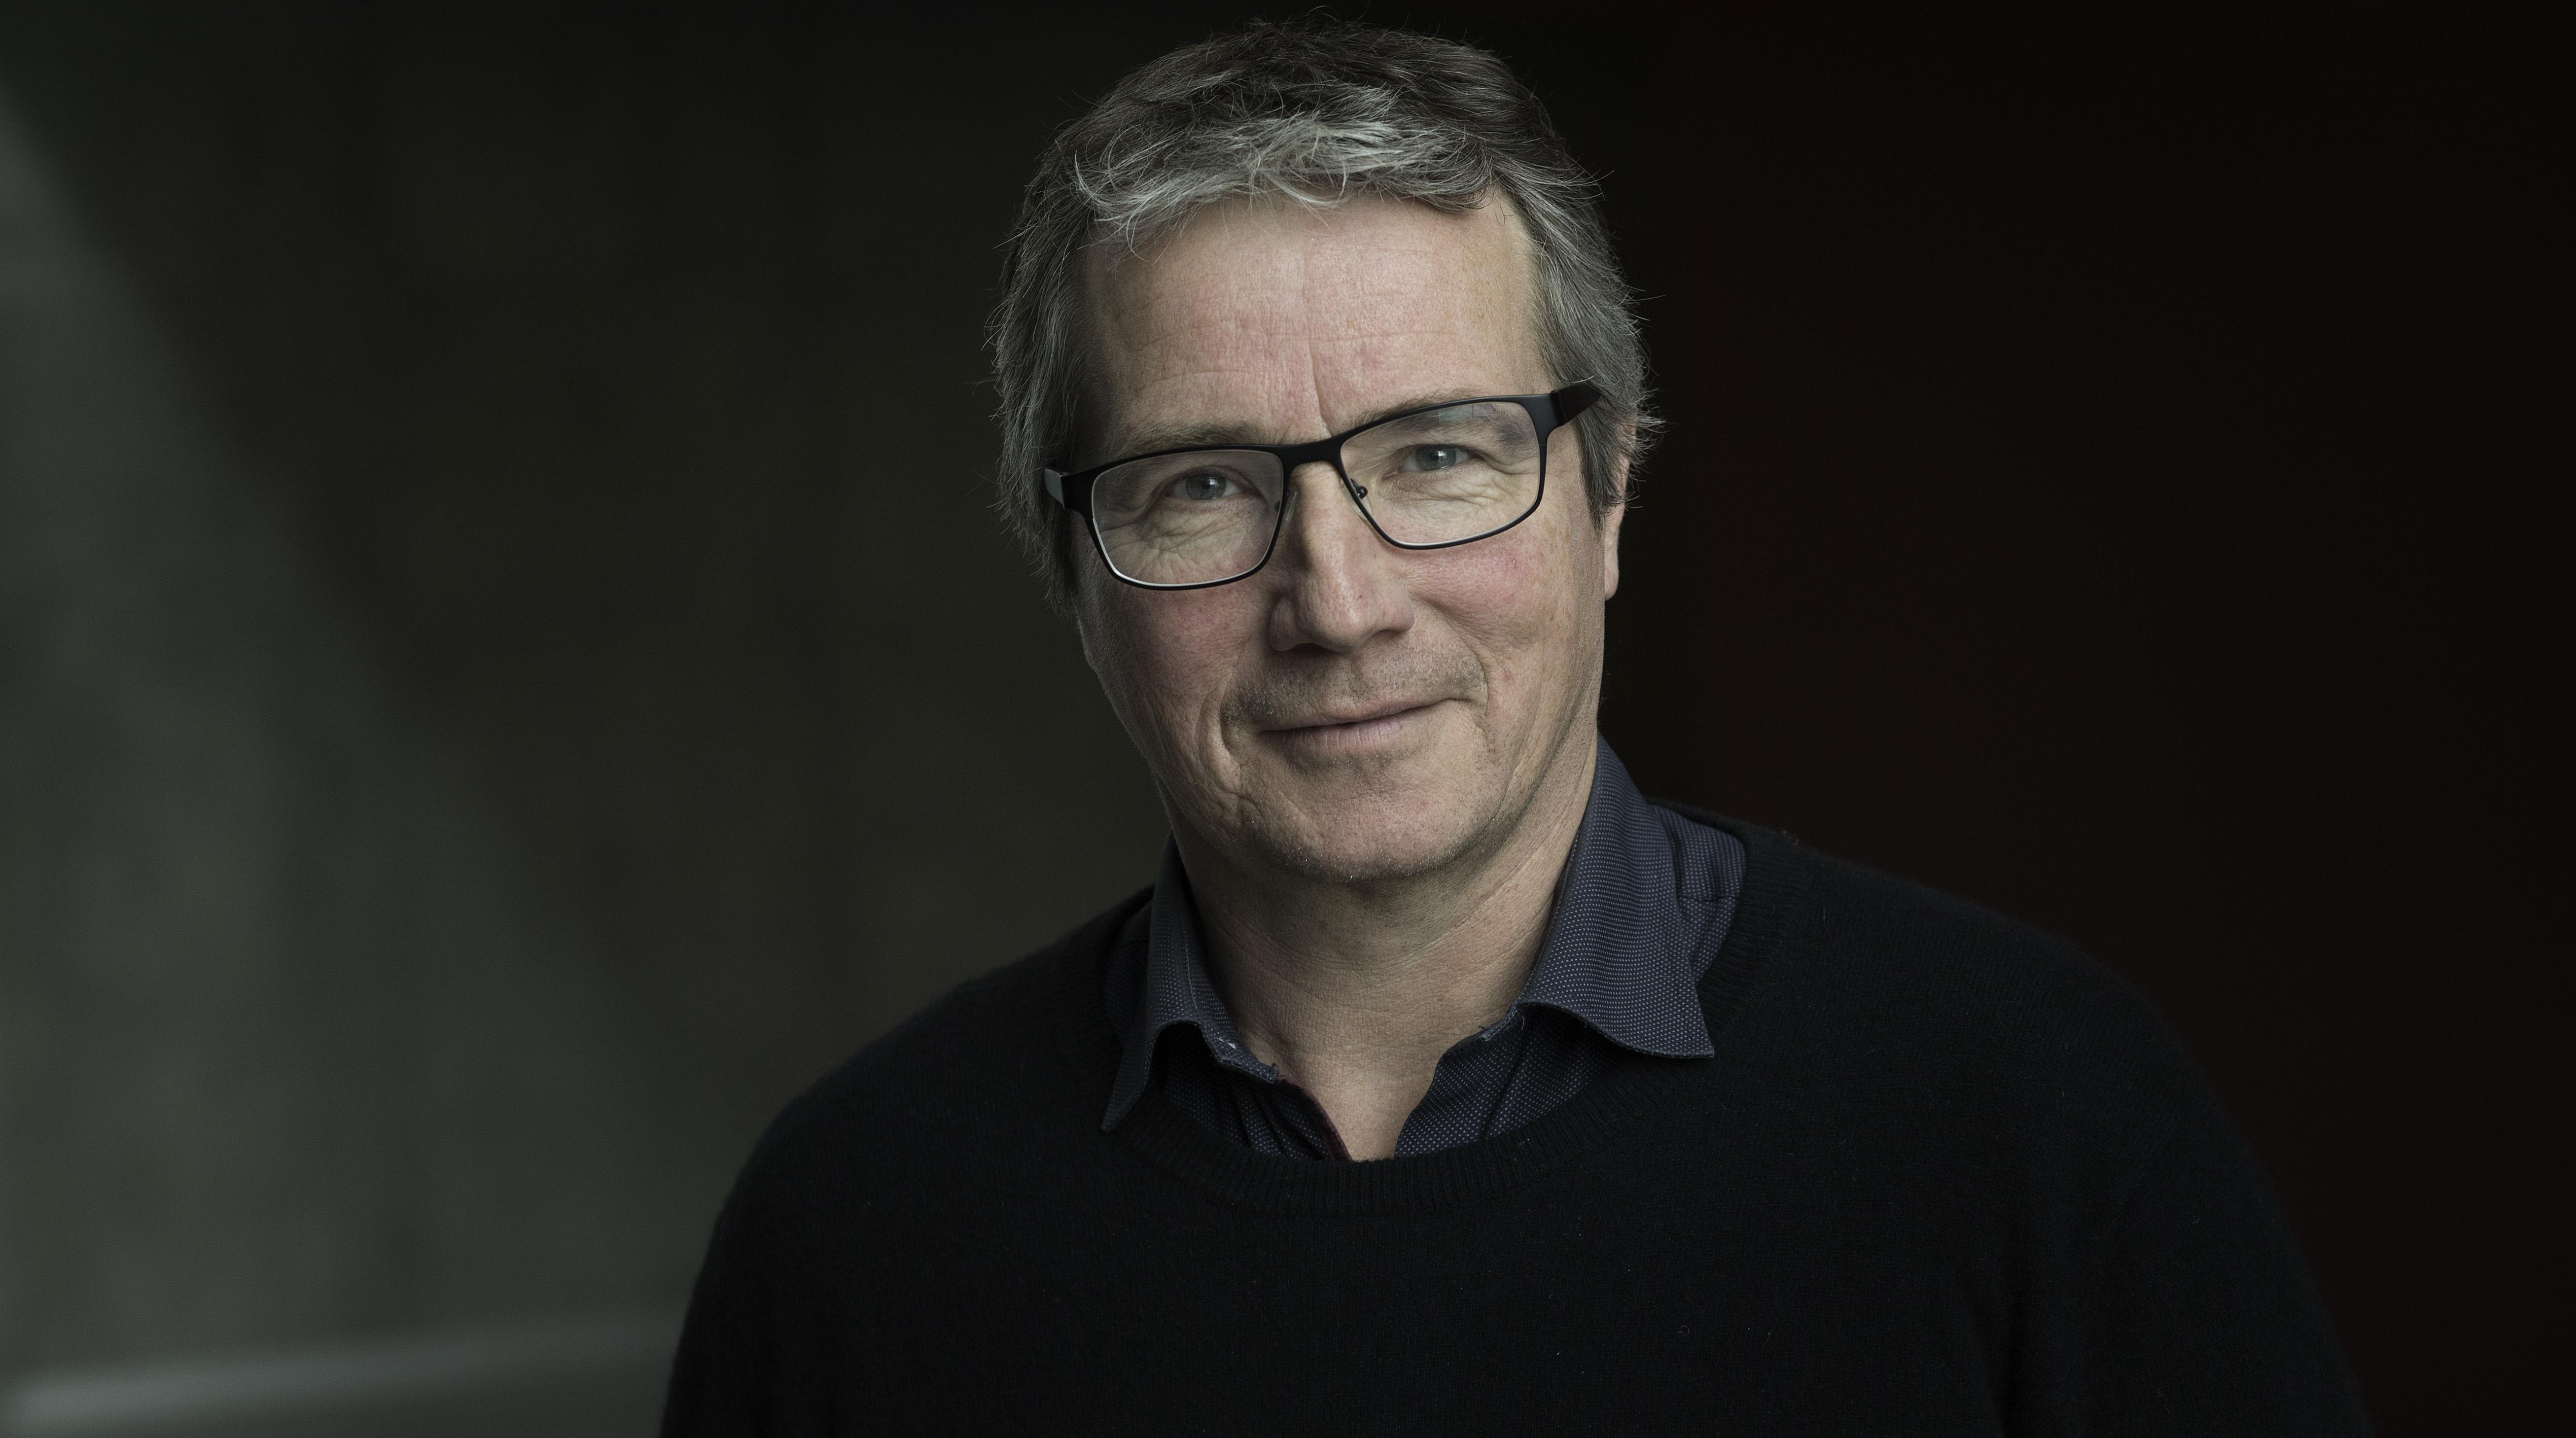 Jan Rosendal